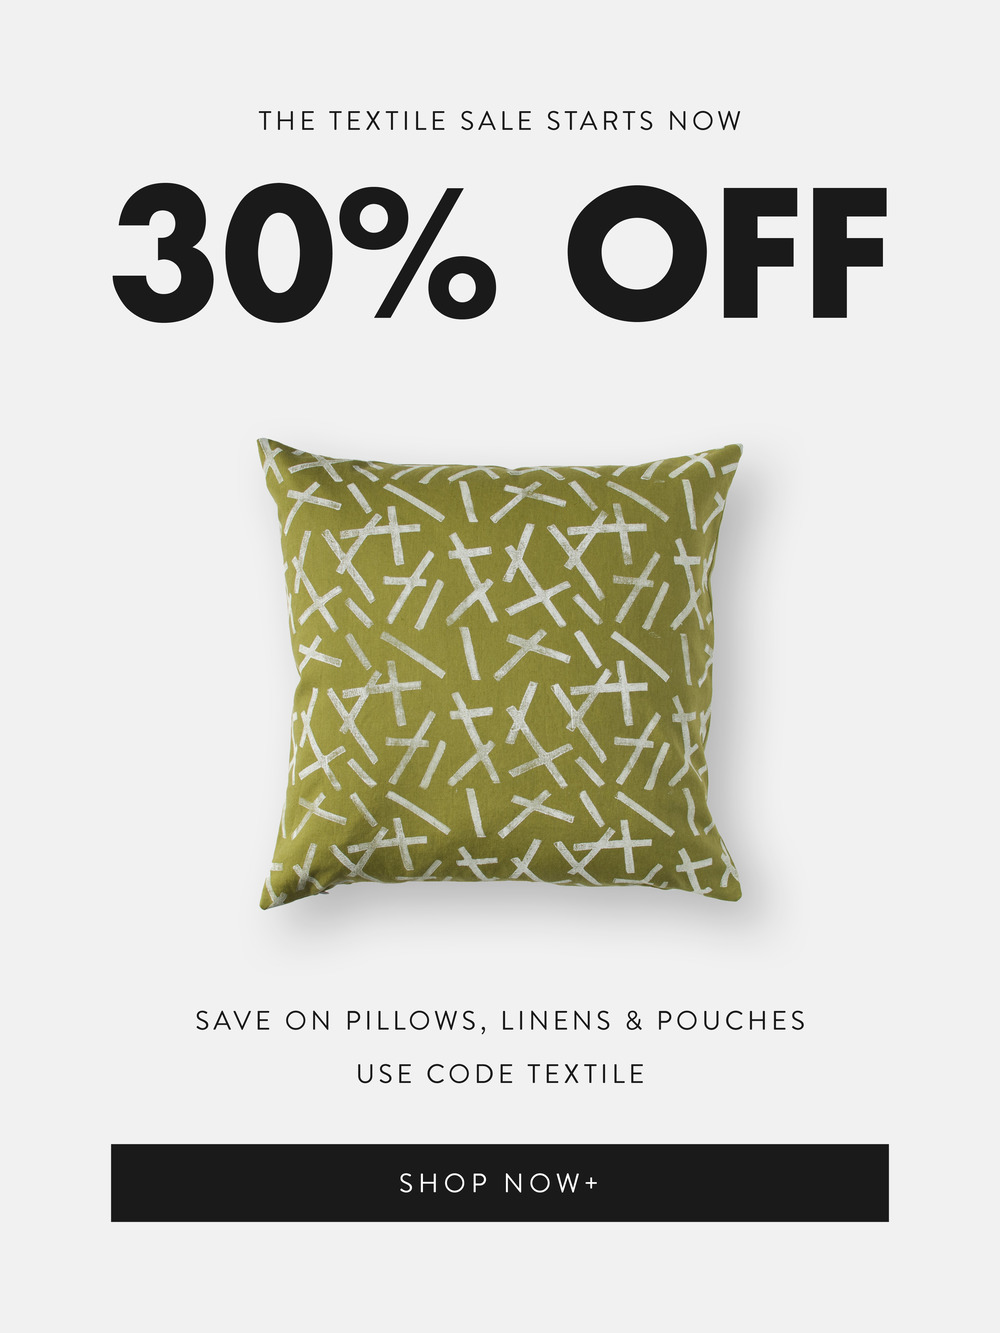 Textile Sale